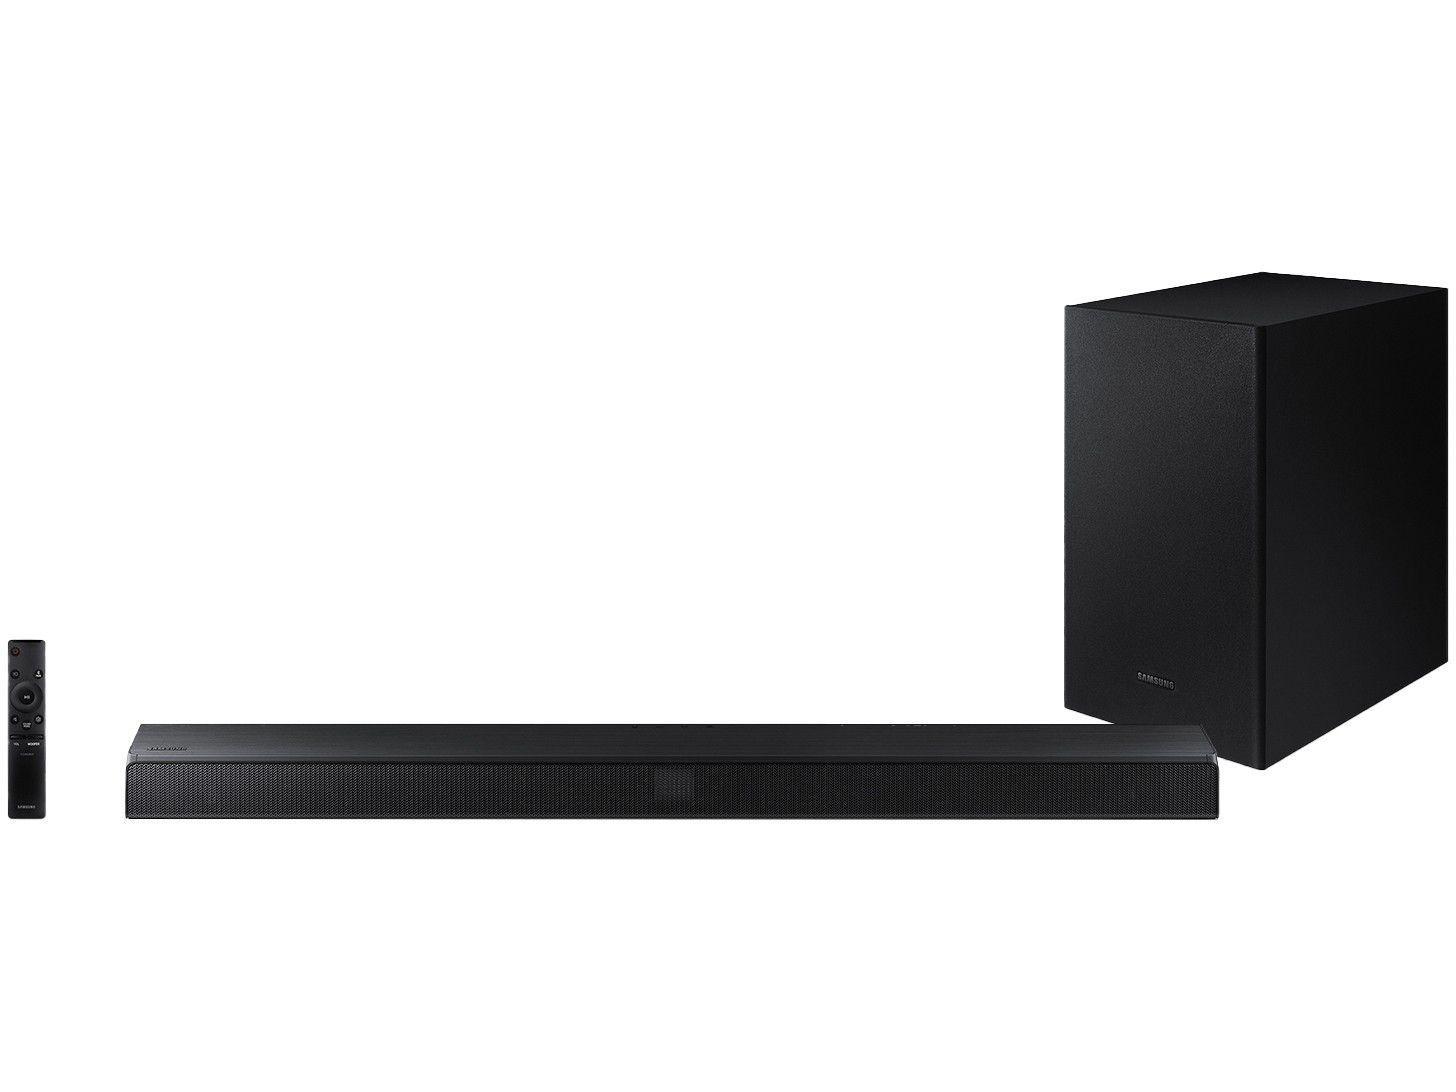 Soundbar Samsung com Subwoofer Wireless - Bluetooth 320W 2.1 Canais